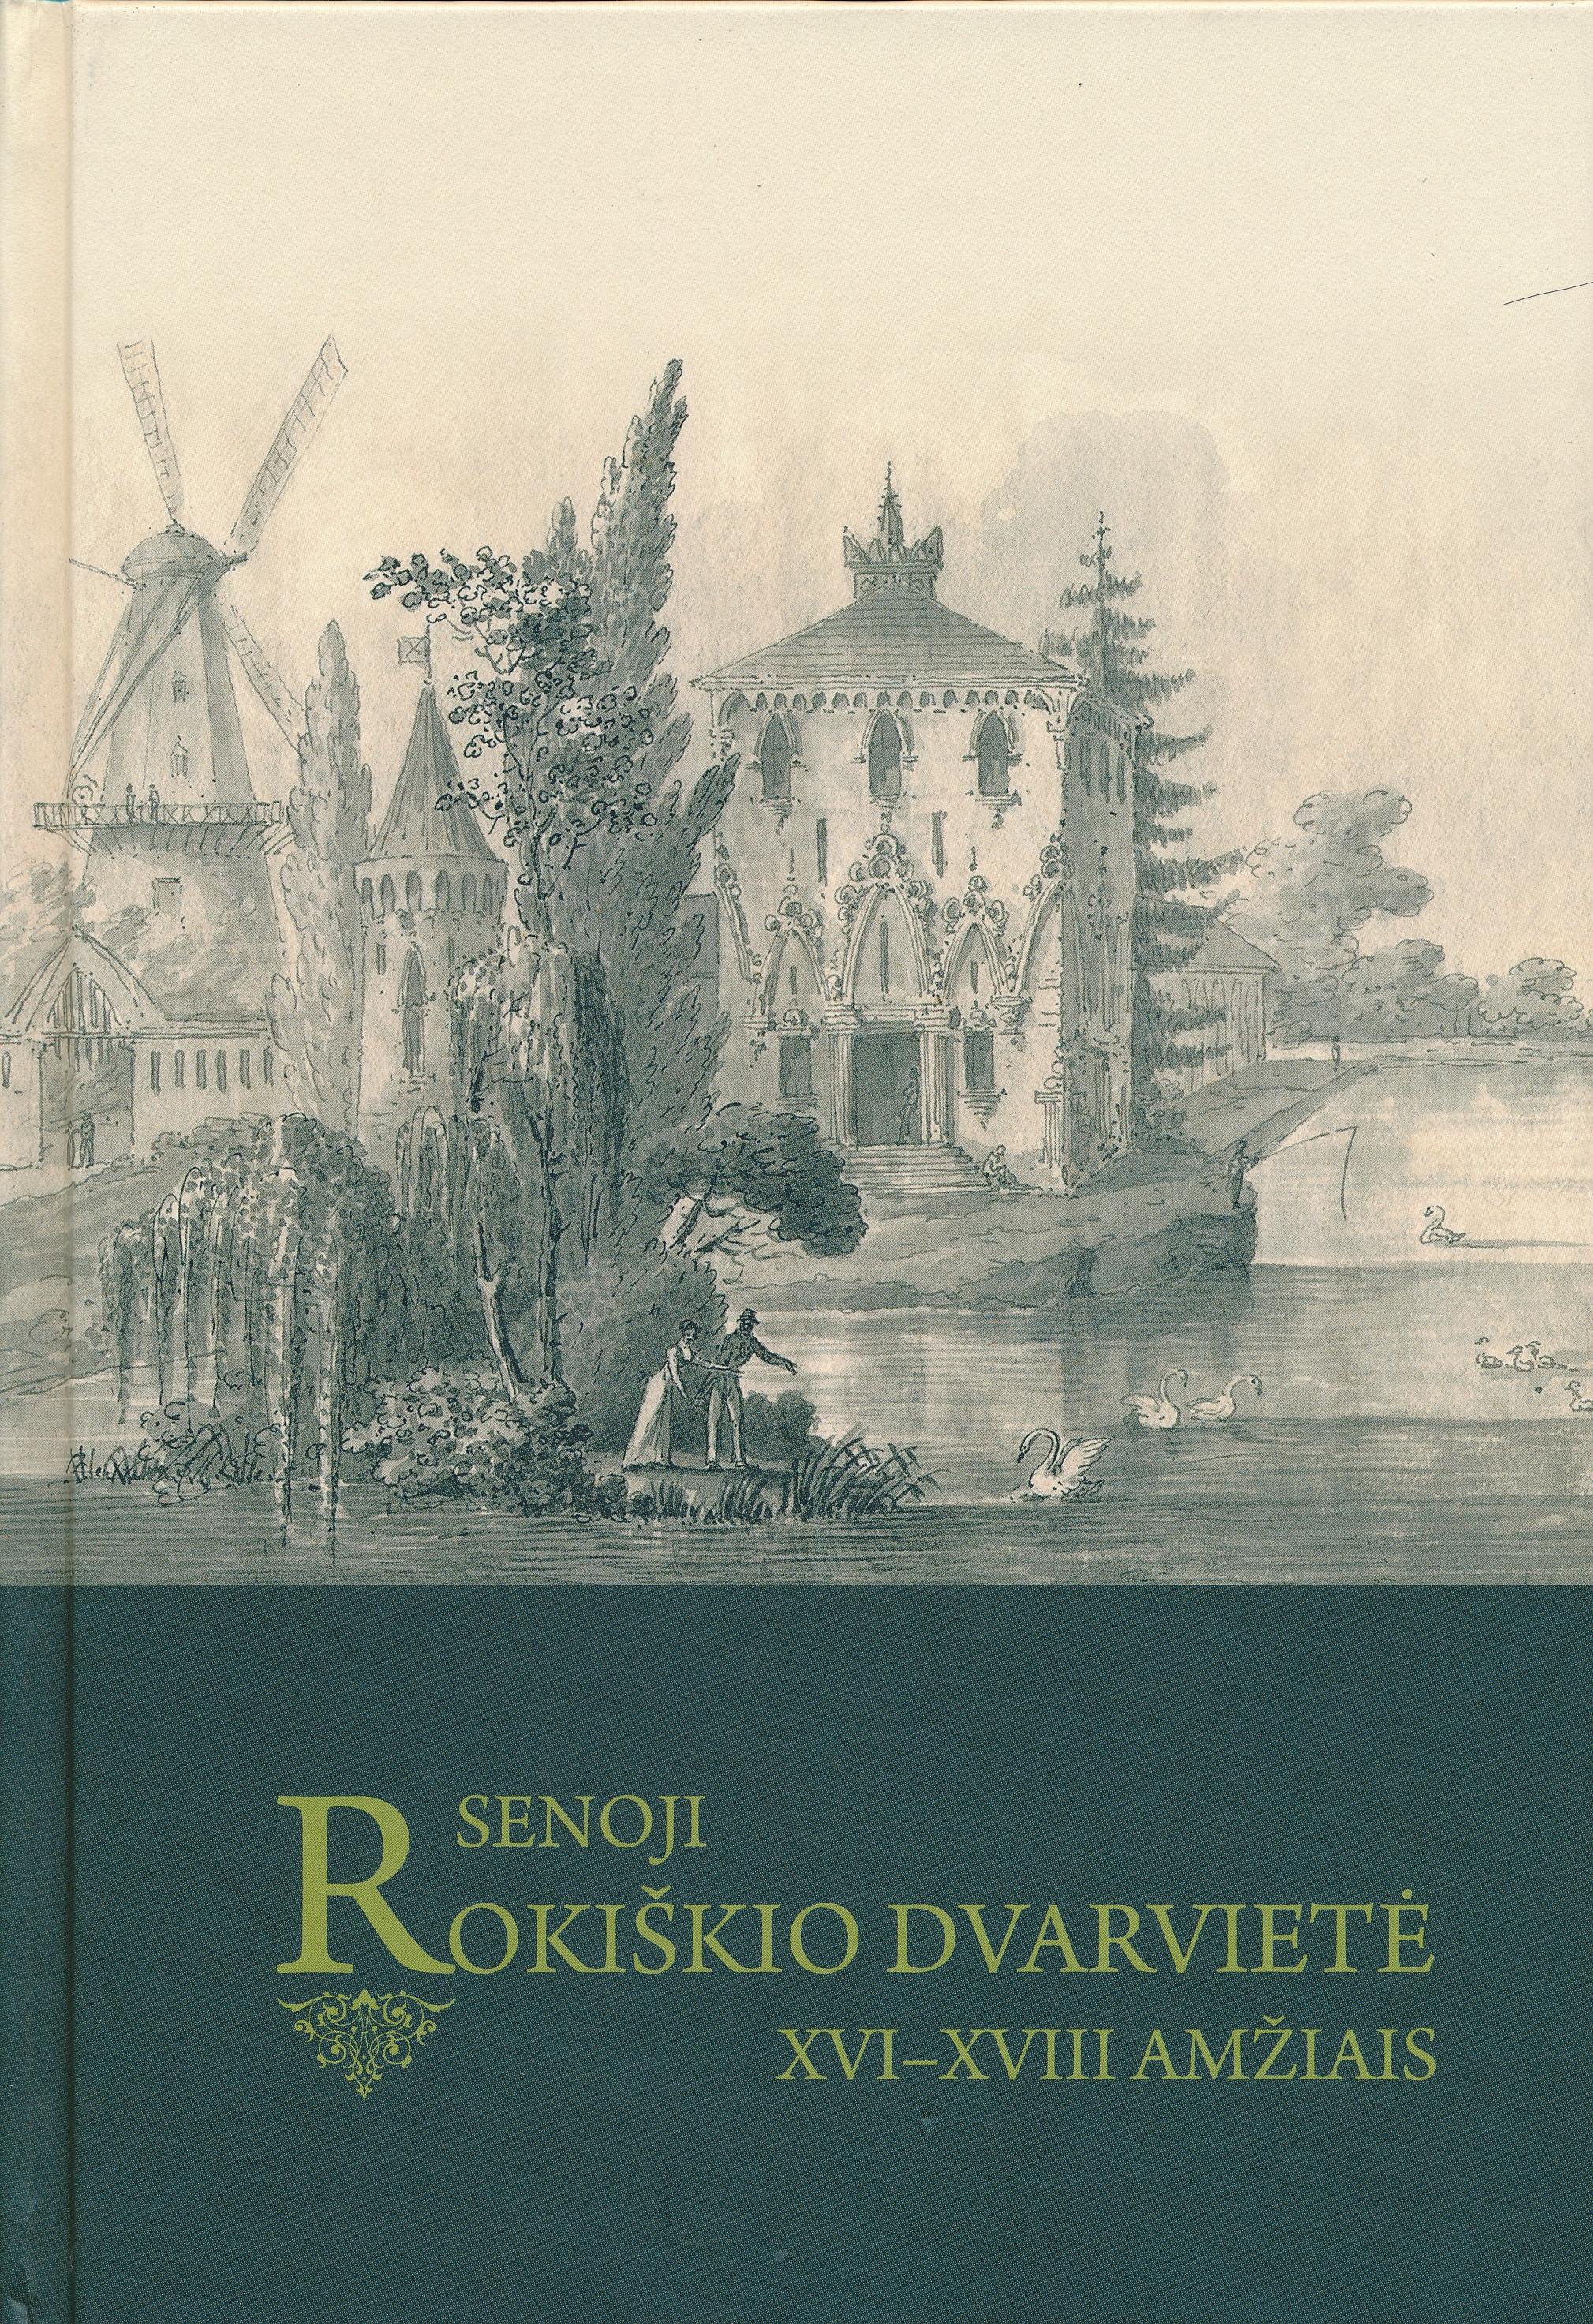 Senoji Rokiškio dvarvietė XVI–XVIII amžiais